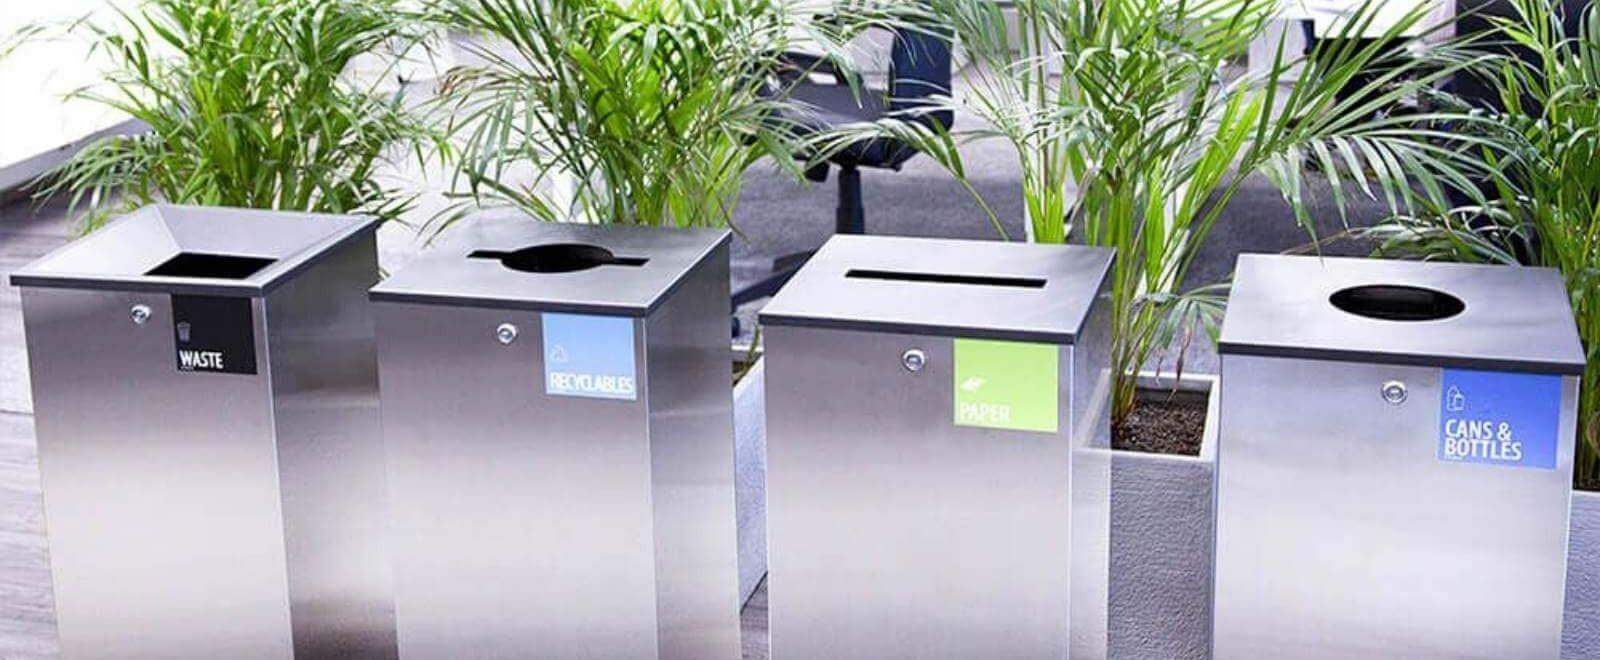 Cestini-per-raccolta-differenziata-ufficio